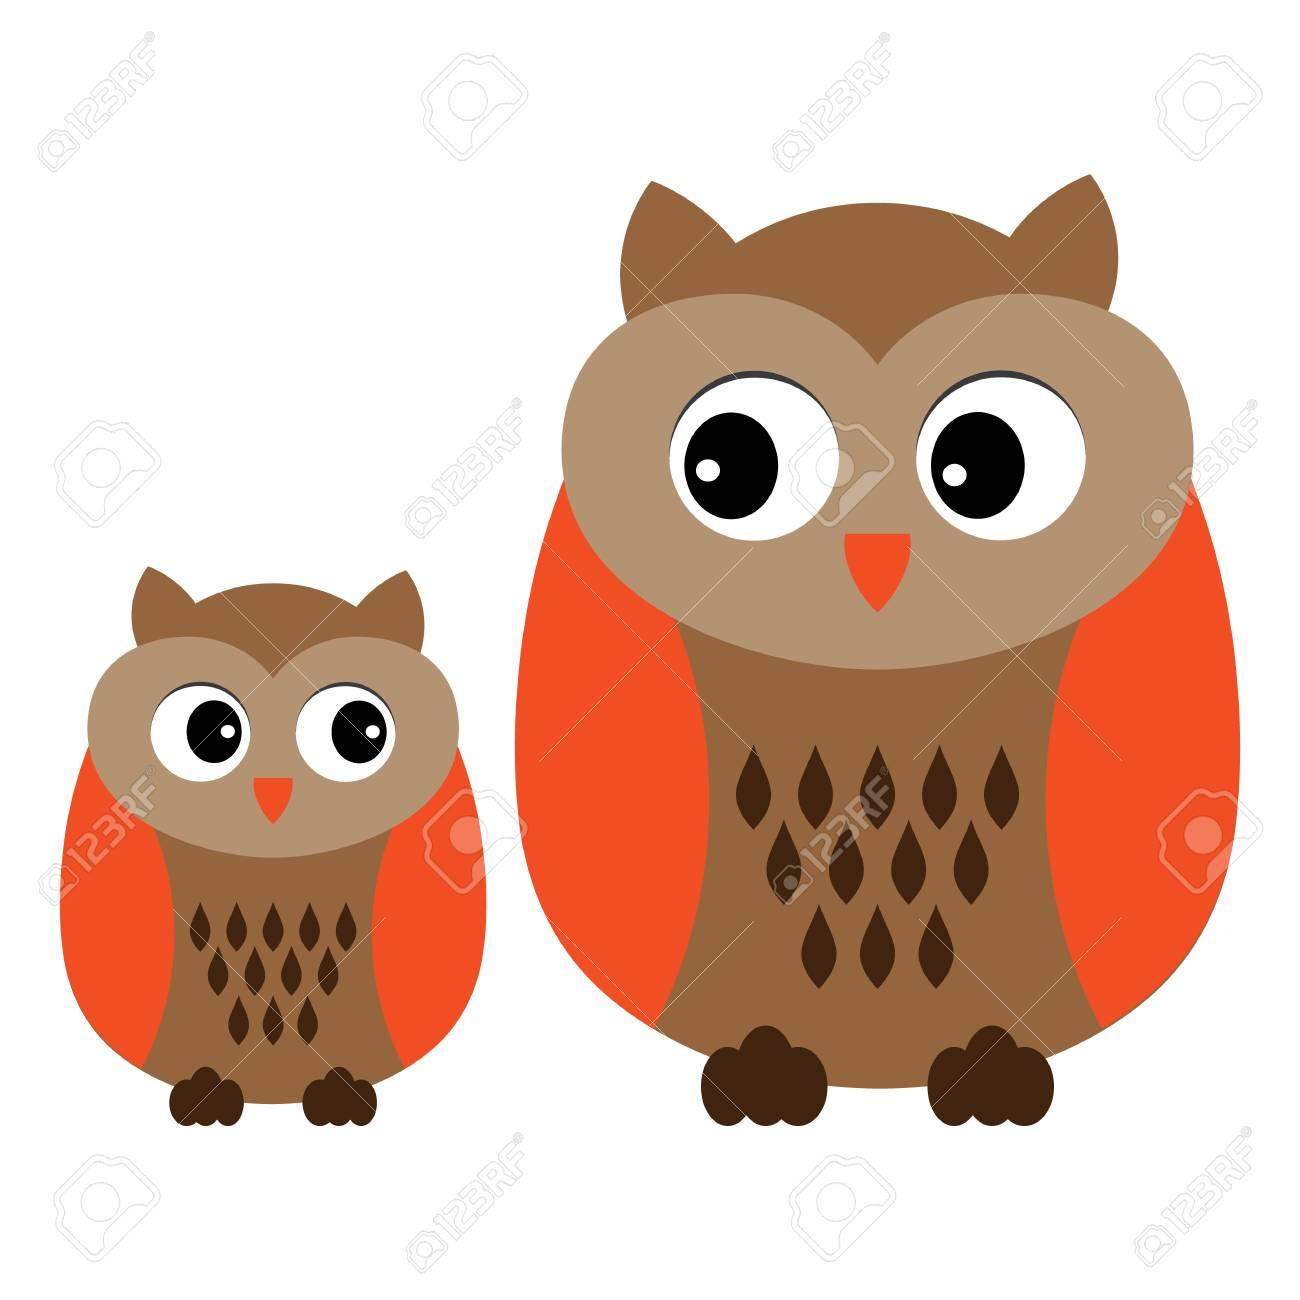 vector cute cartoon owls owls clipart baby owl vector illustration rh 123rf com cute baby owl cartoon cute baby owl cartoon